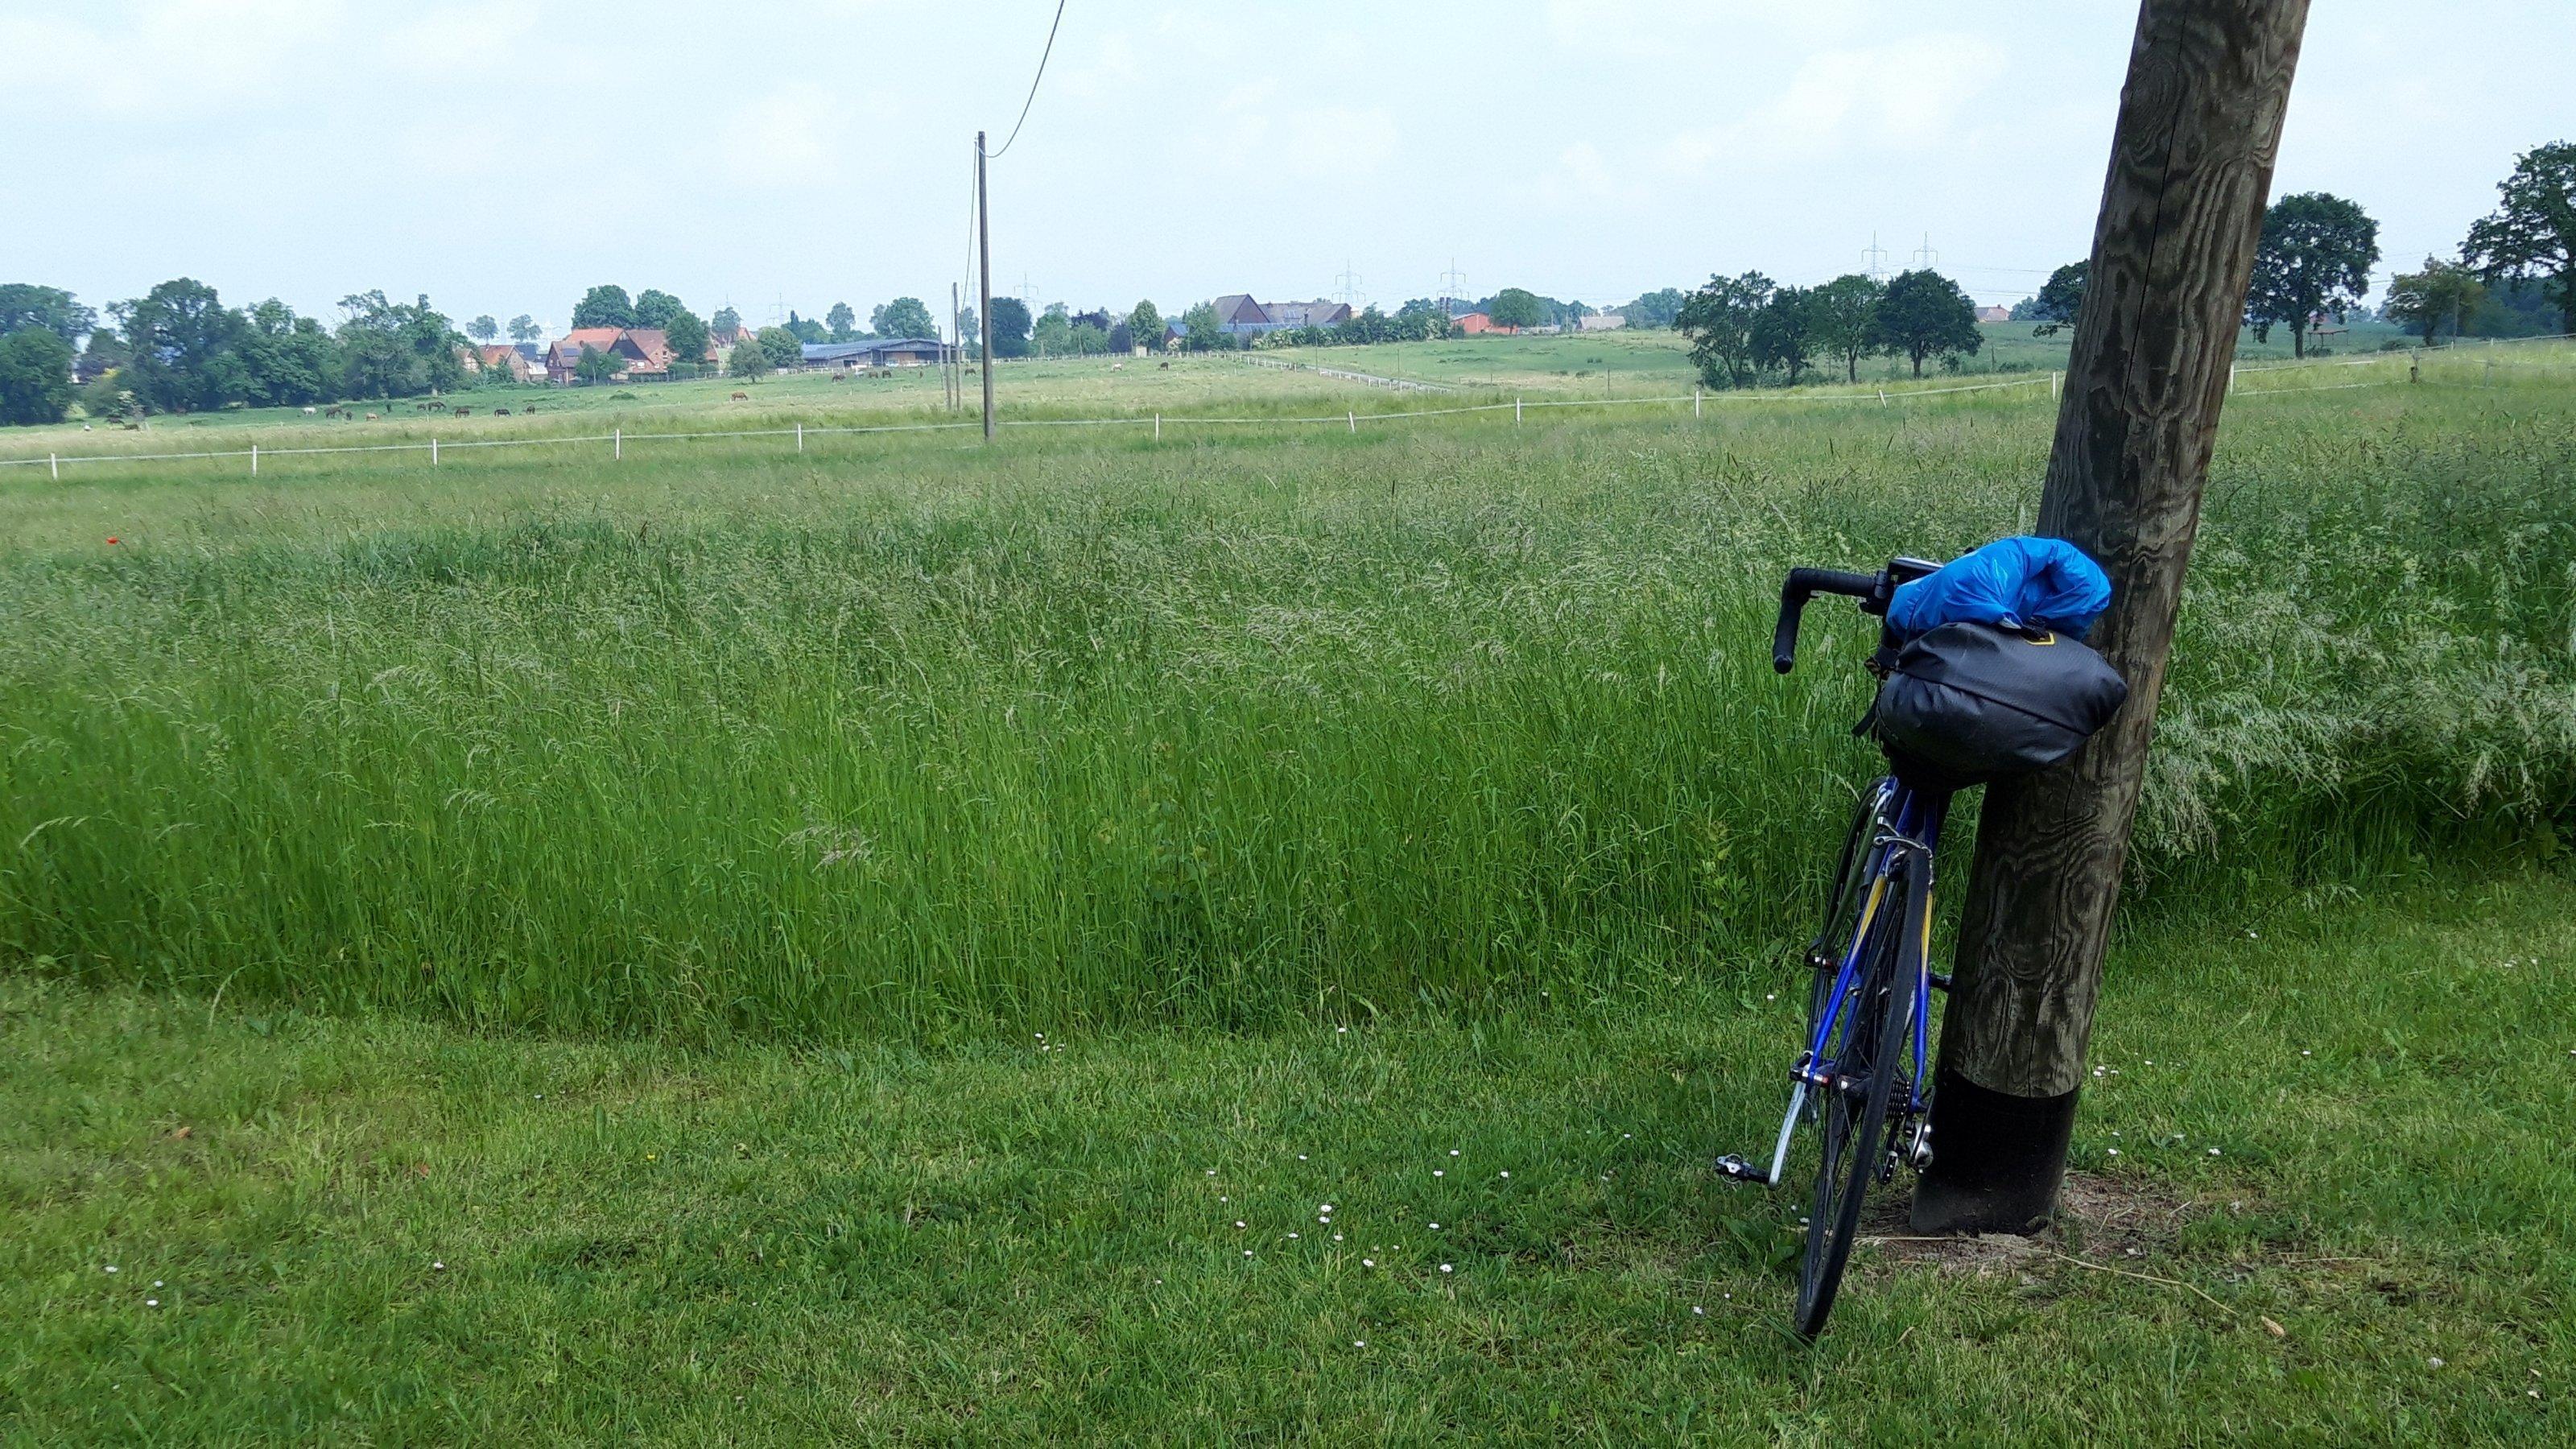 Gefährt des RadelndenReporters vor übbigem Weizenfeld, im Hintergrund Ahlen.